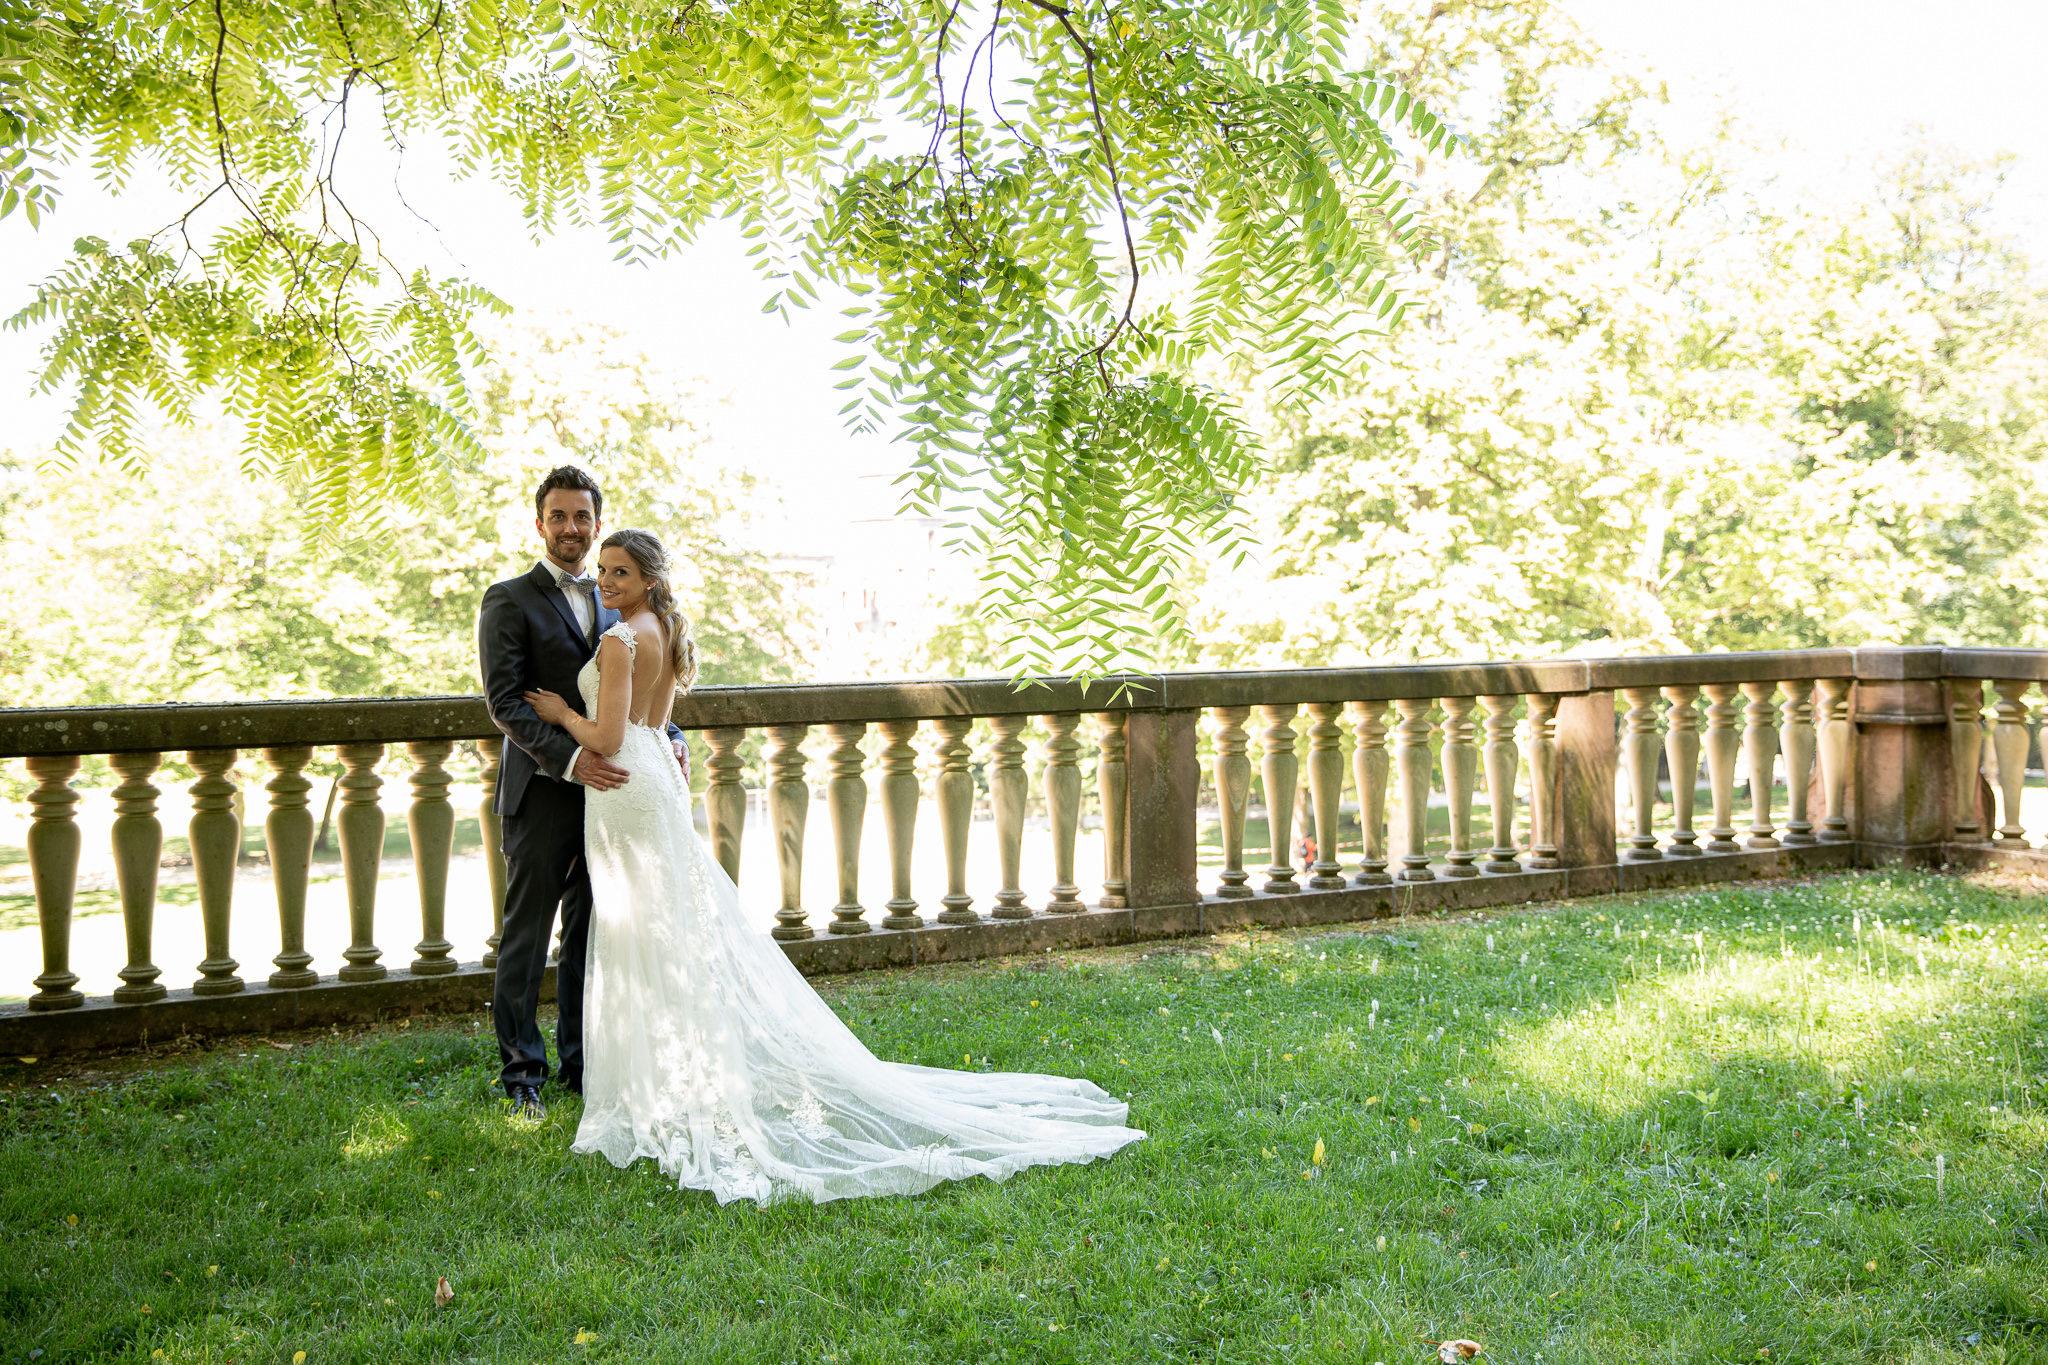 Brautpaar steht eng zusammen und blickt in die Kamera. Schlossgarten Heidelberg. After Wedding.